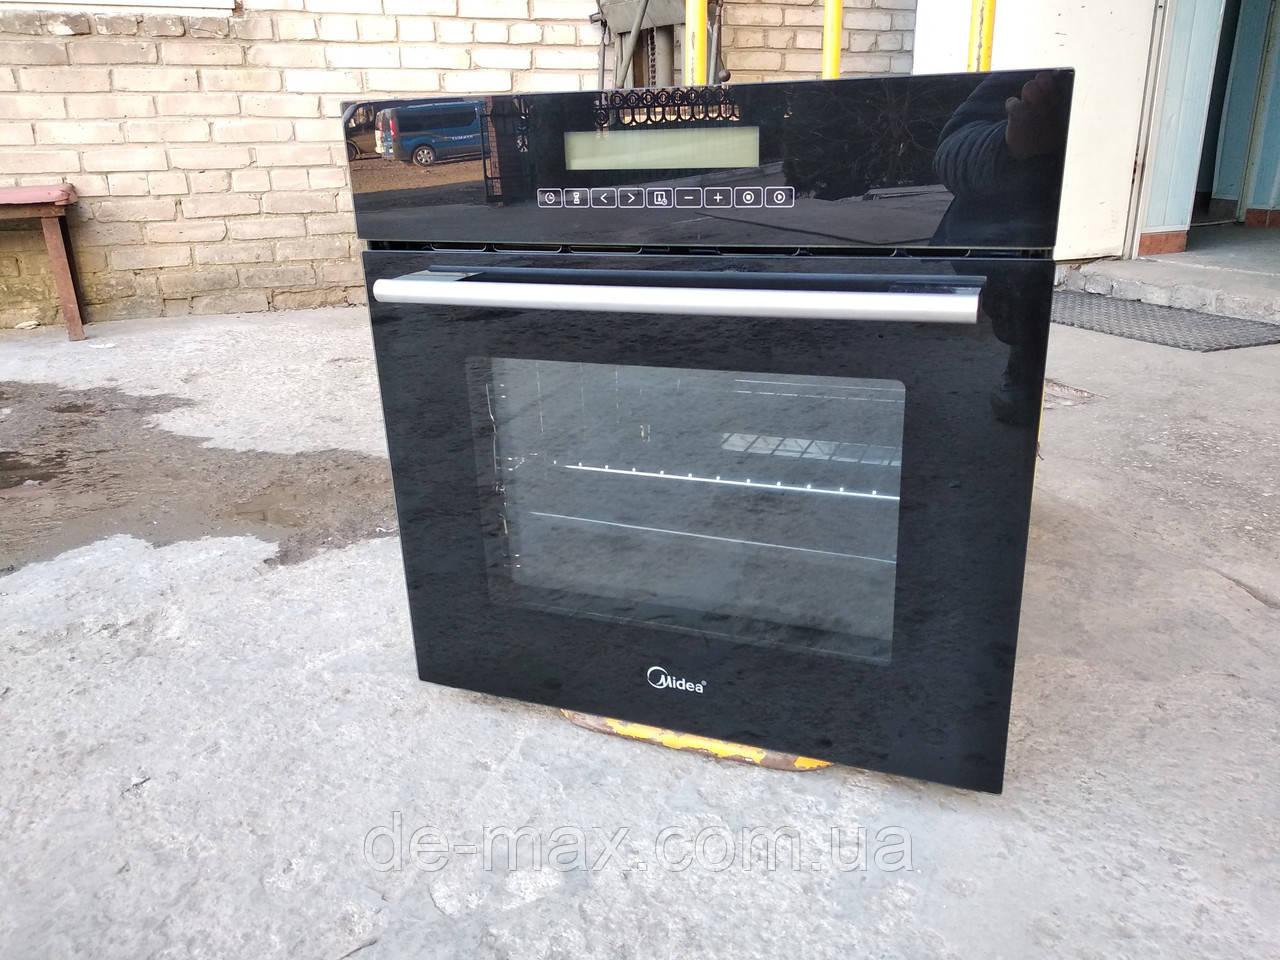 Электрический духовой шкаф,духовка Midea 65DTE42004